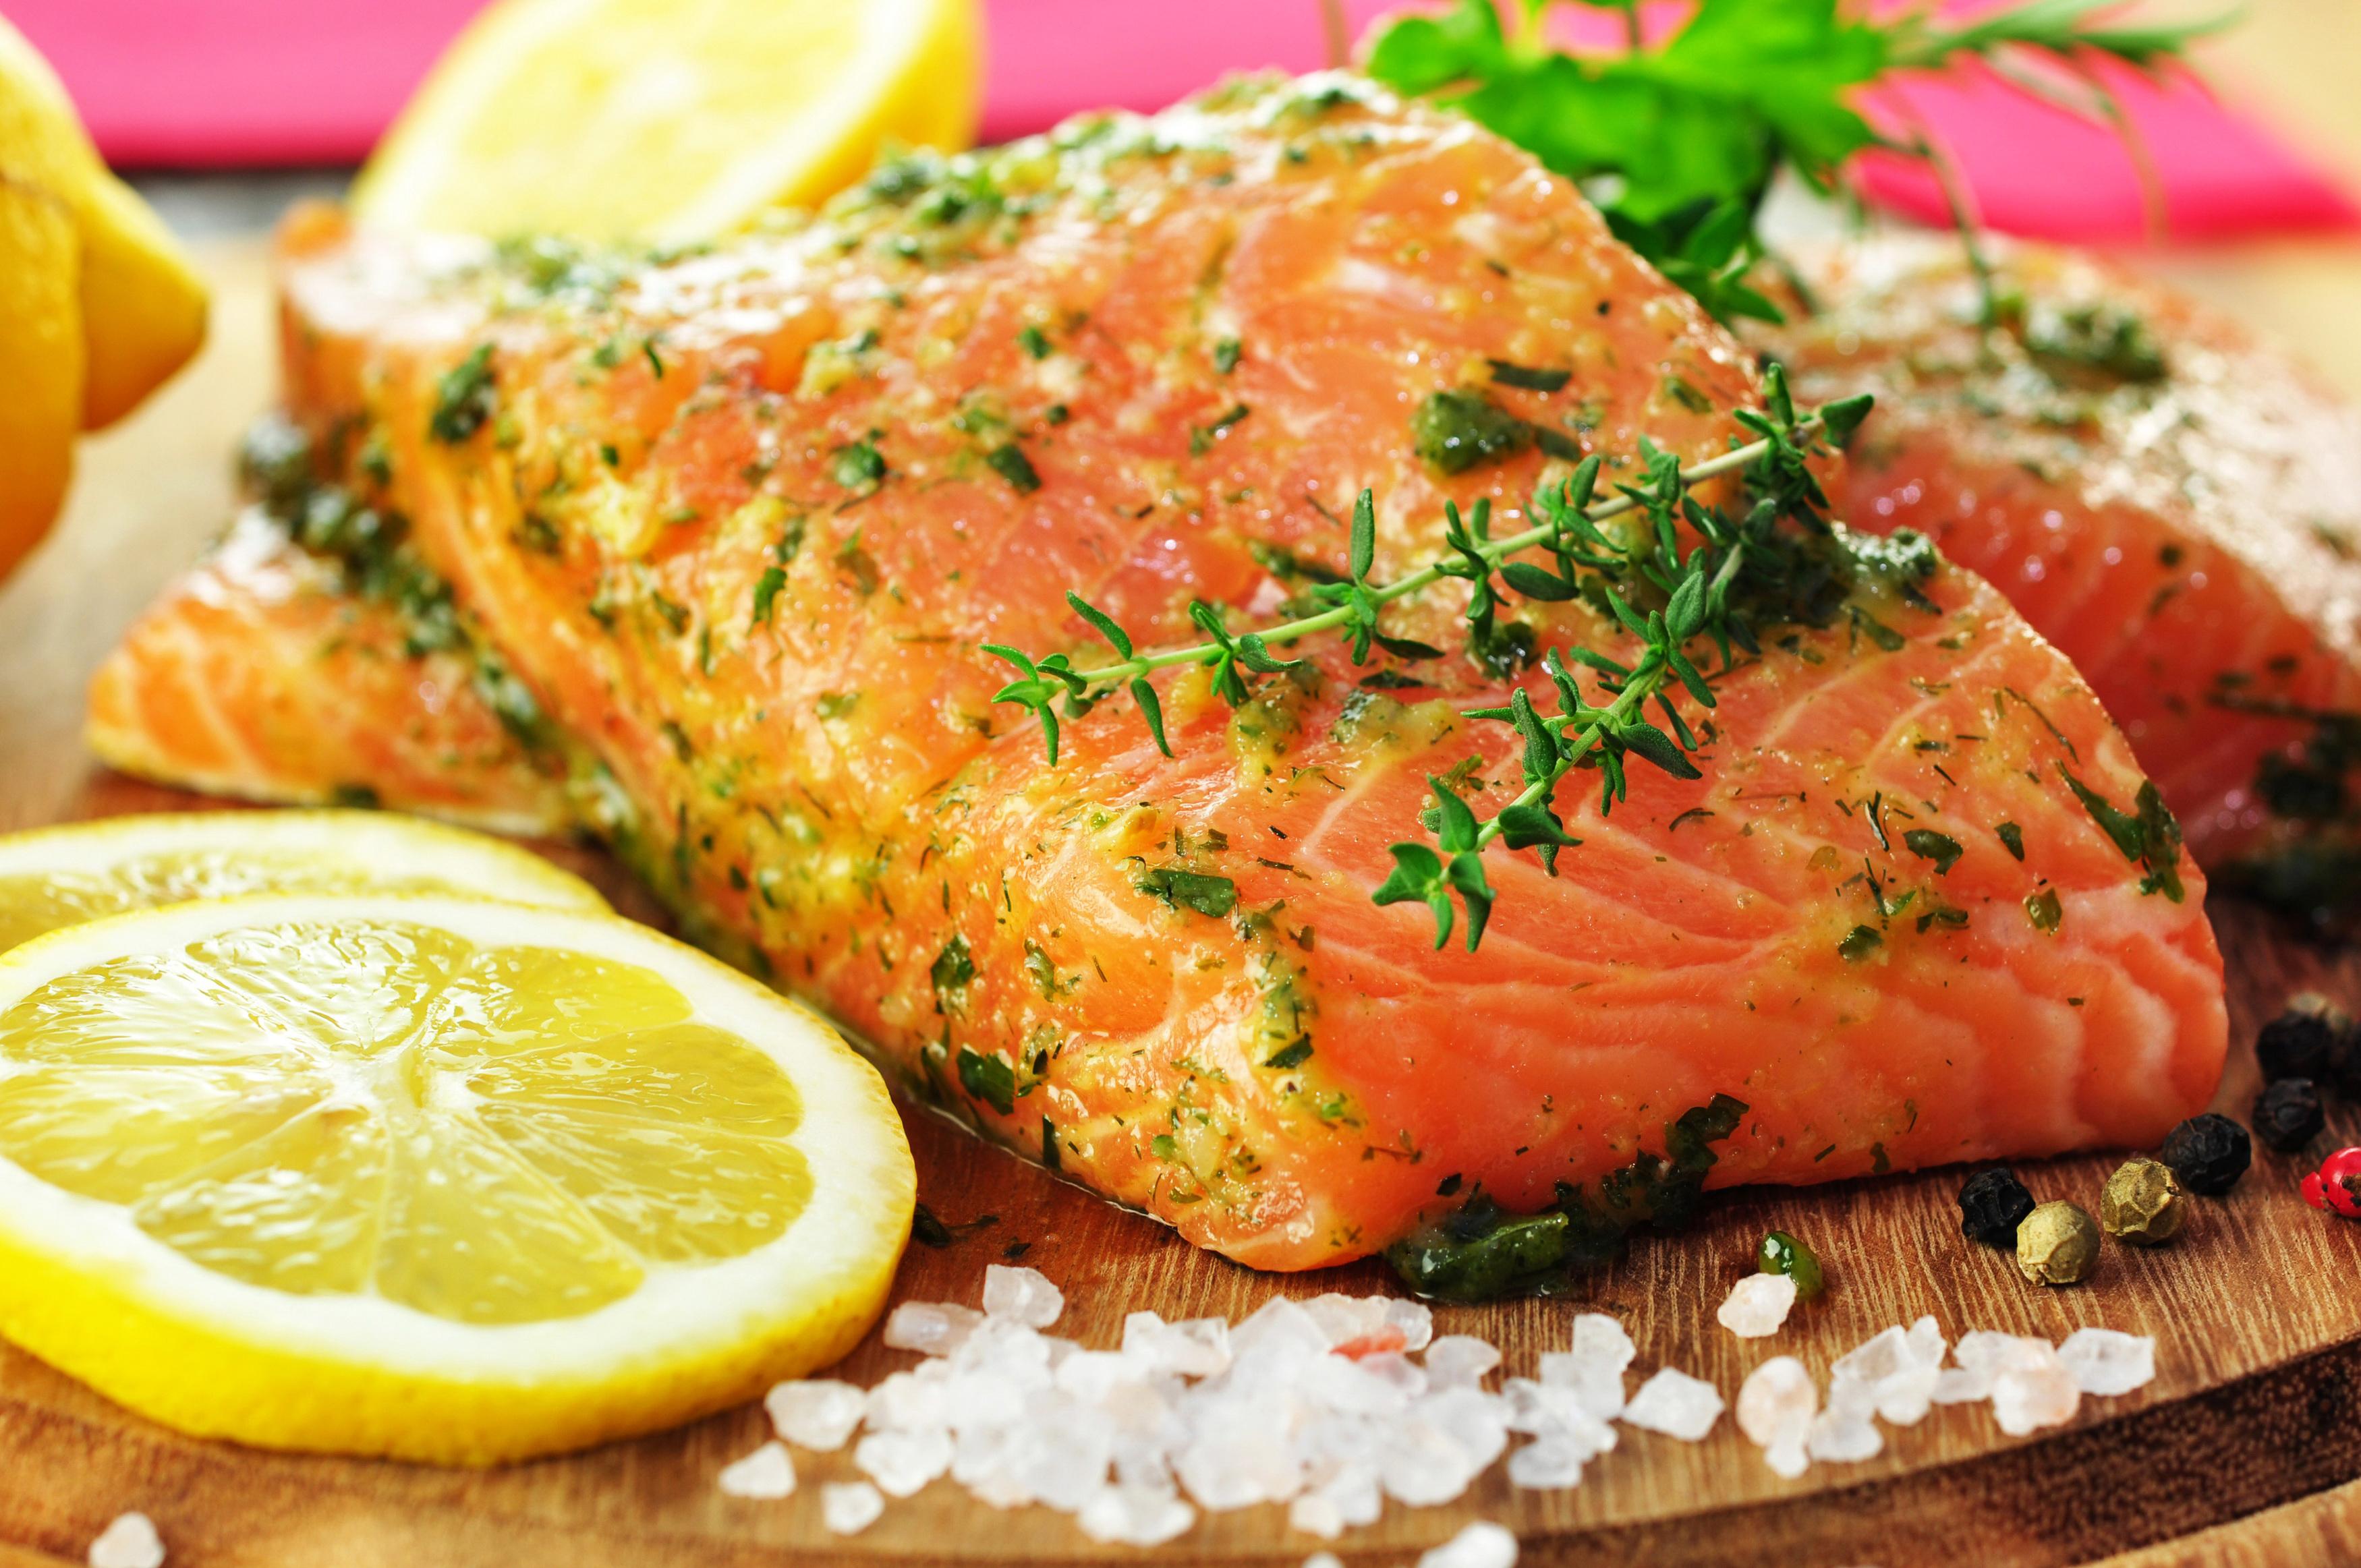 словам приготовленная рыба с мятой фото на аву удобнее передать